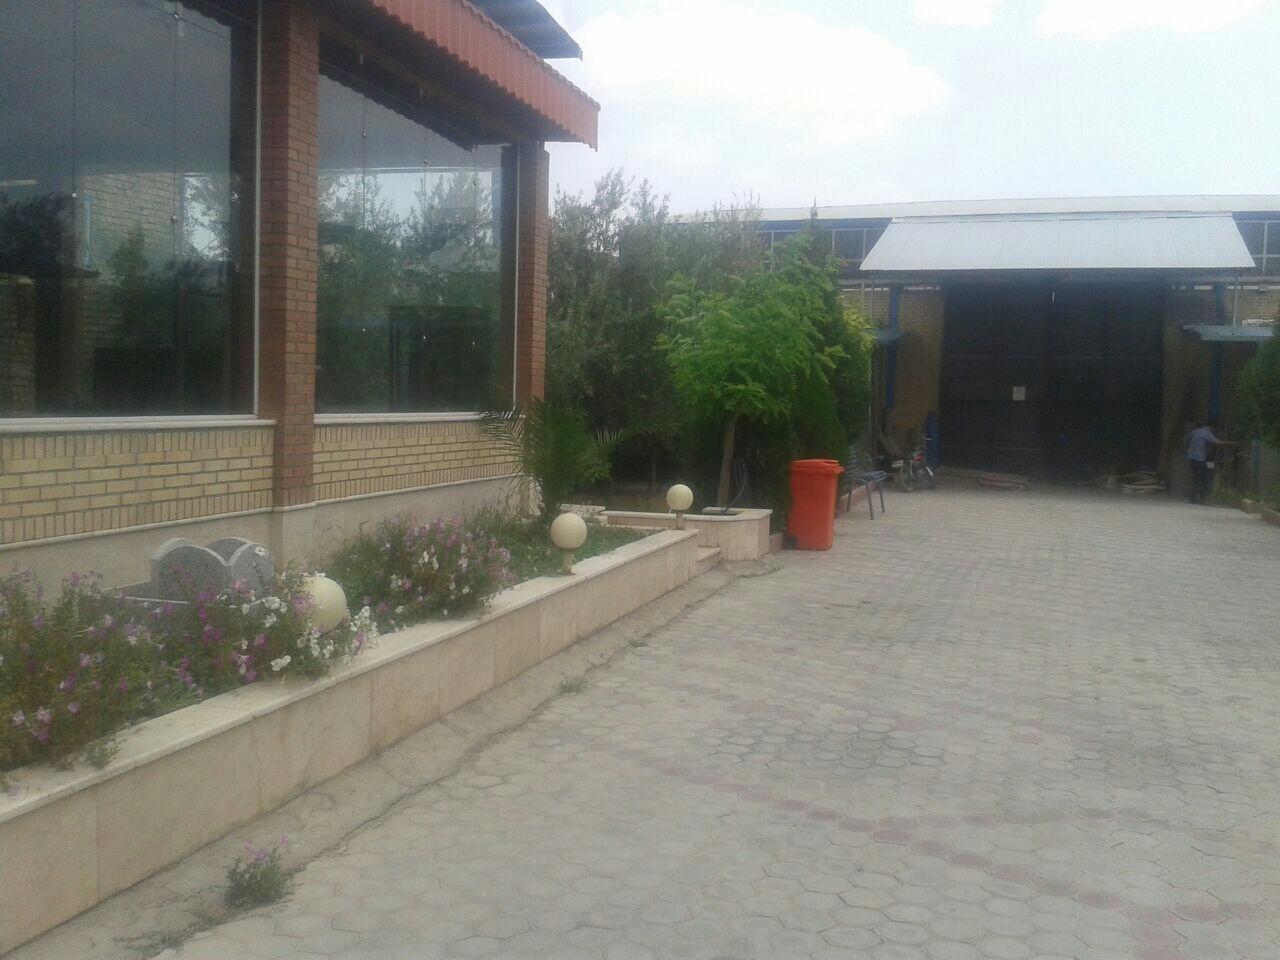 فروشگاه فرش امین سلیمان در اصفهان1